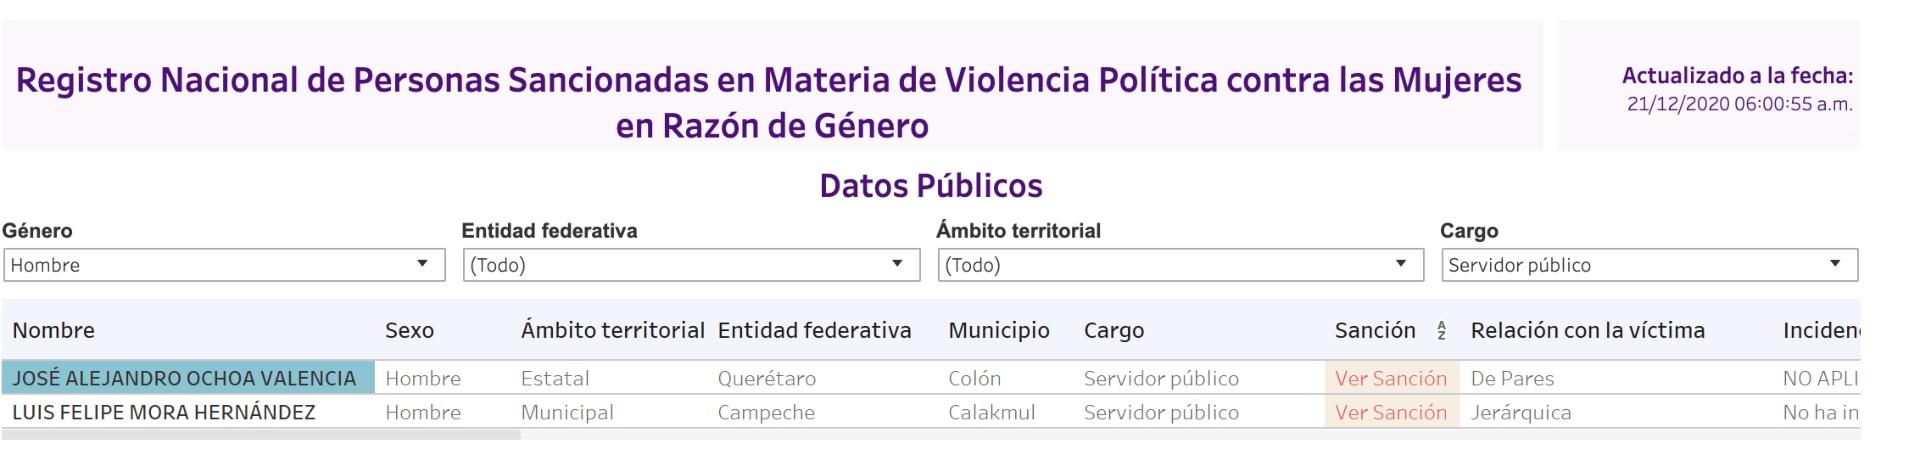 El INE publicó el registro donde se enlistan a todas las personas que cometieron violencia política de género (Foto: Captura de pantalla INE)